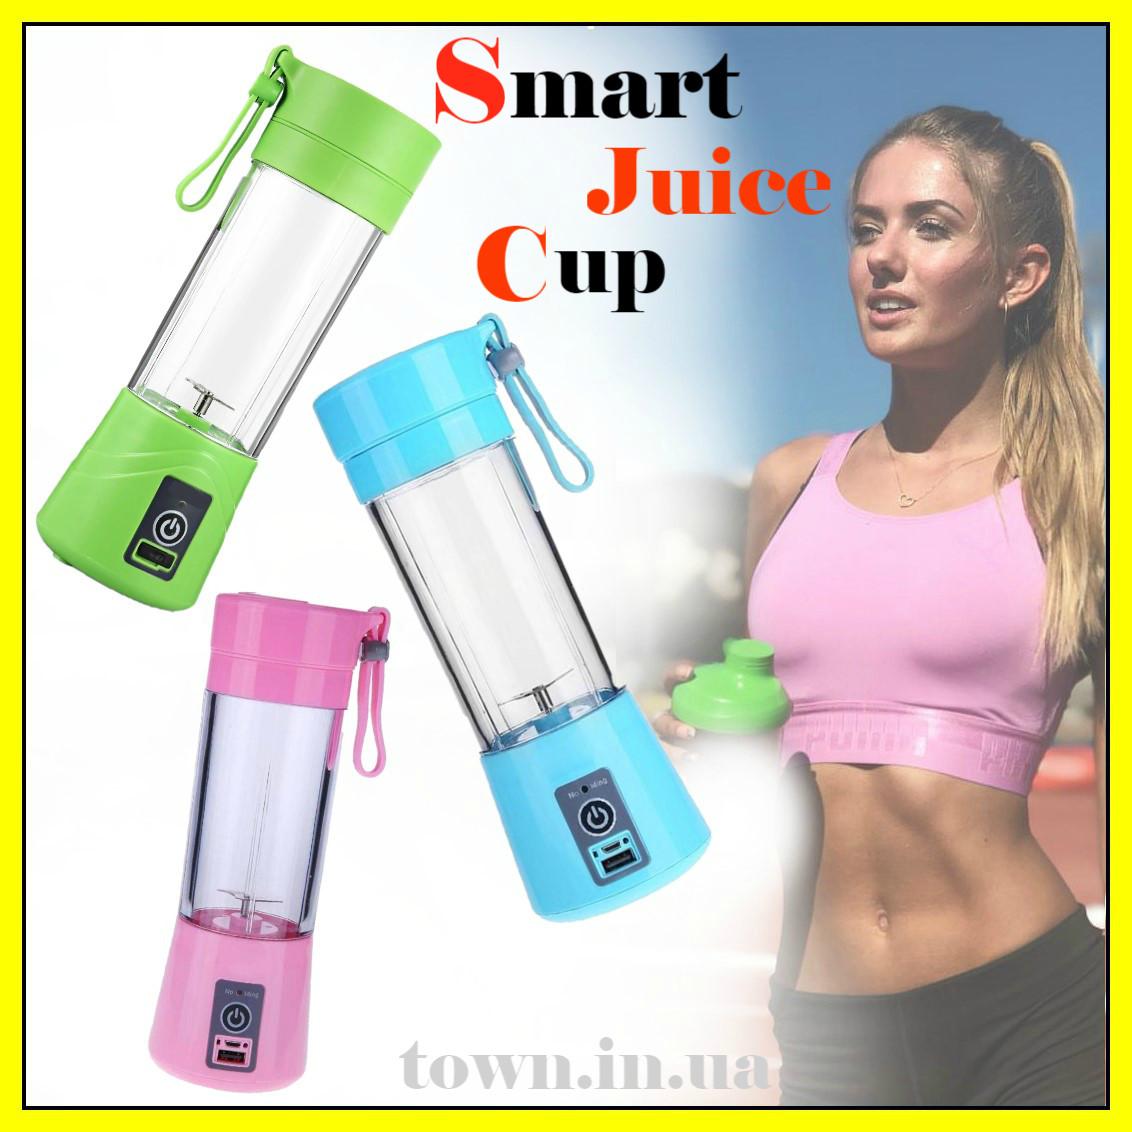 Портативный мини фитнес блендер Juicer Cup,аккумуляторный,заряжается от USB для приготовления смузи,шейкер